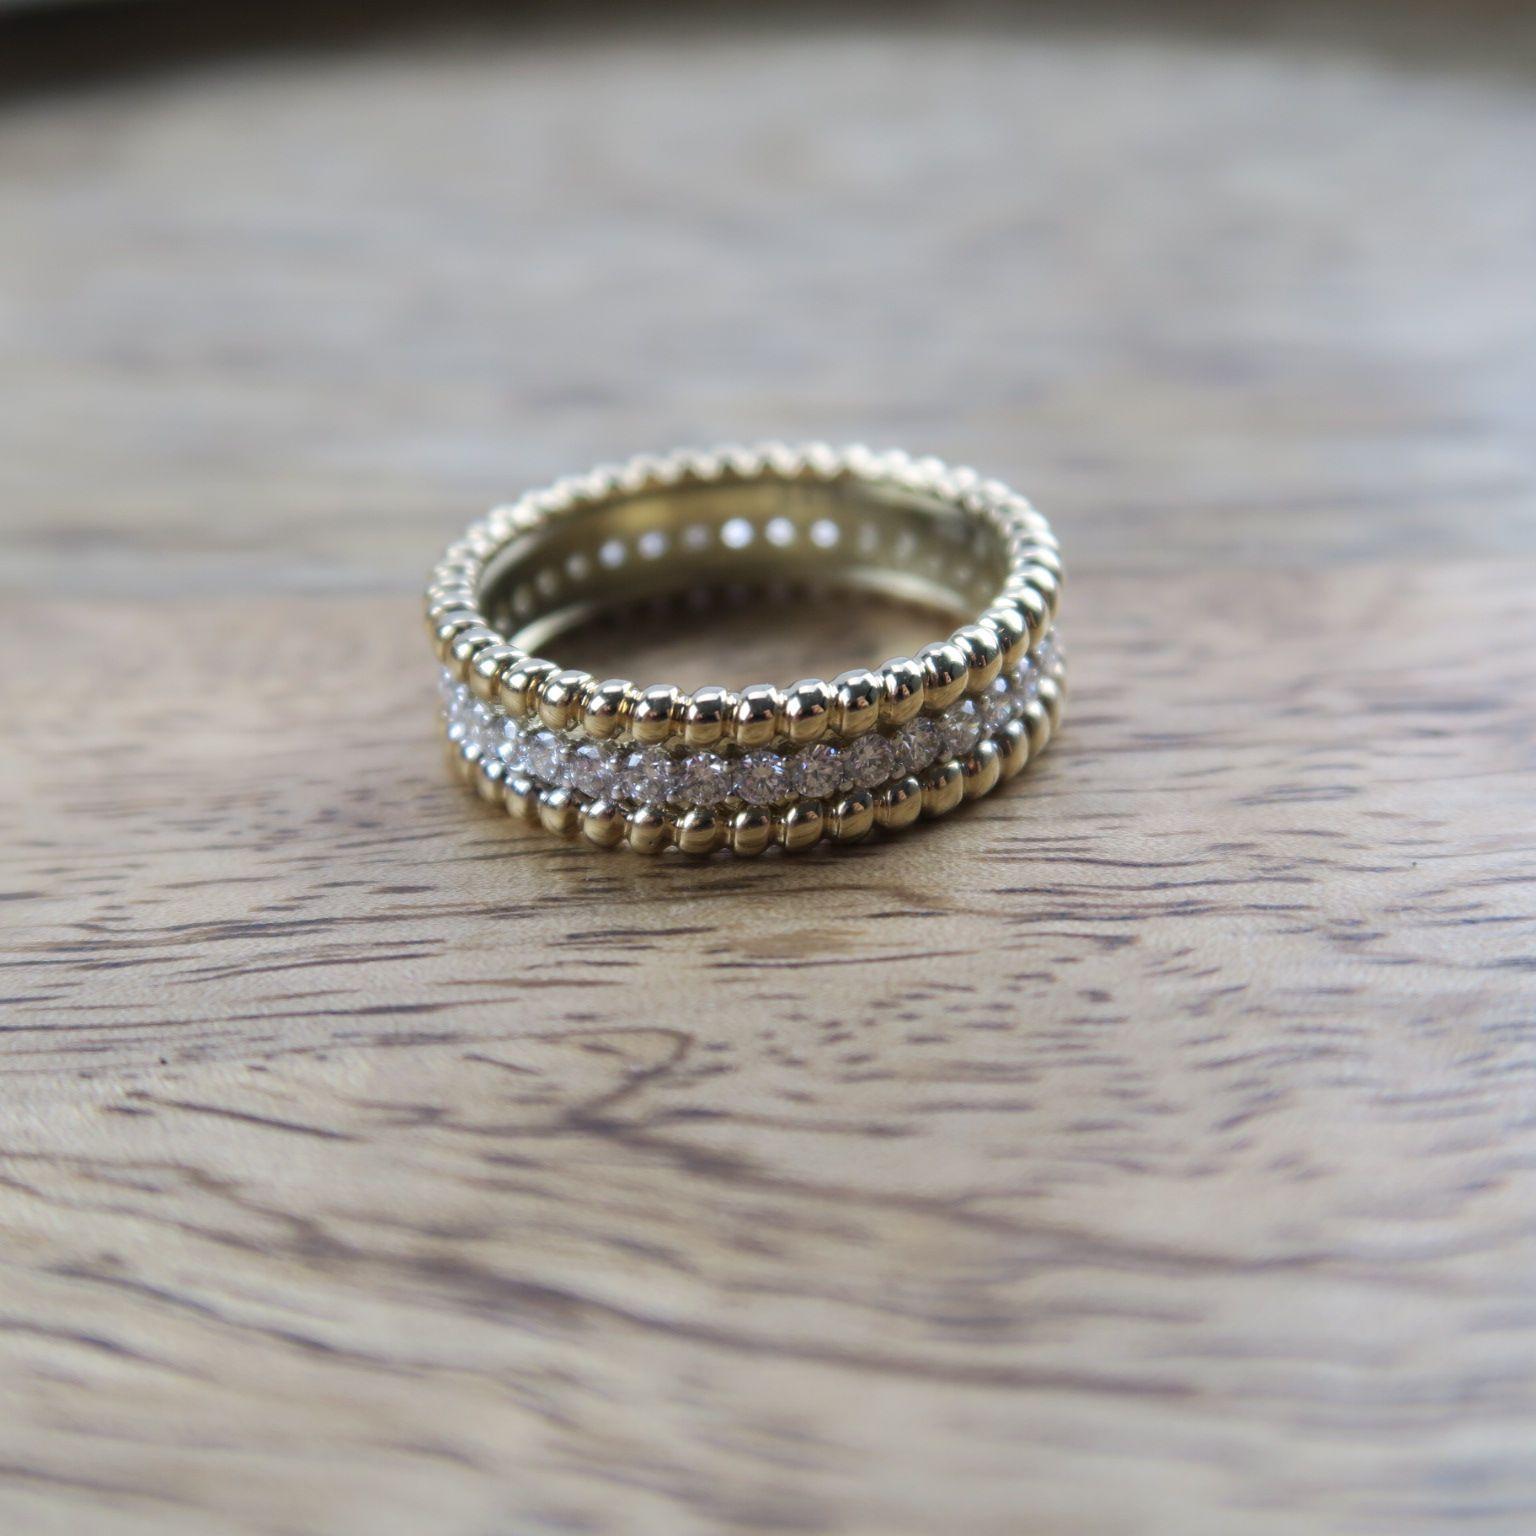 Diamonds Damenring | Damen Ring, Diamantring Und 585 Weißgold